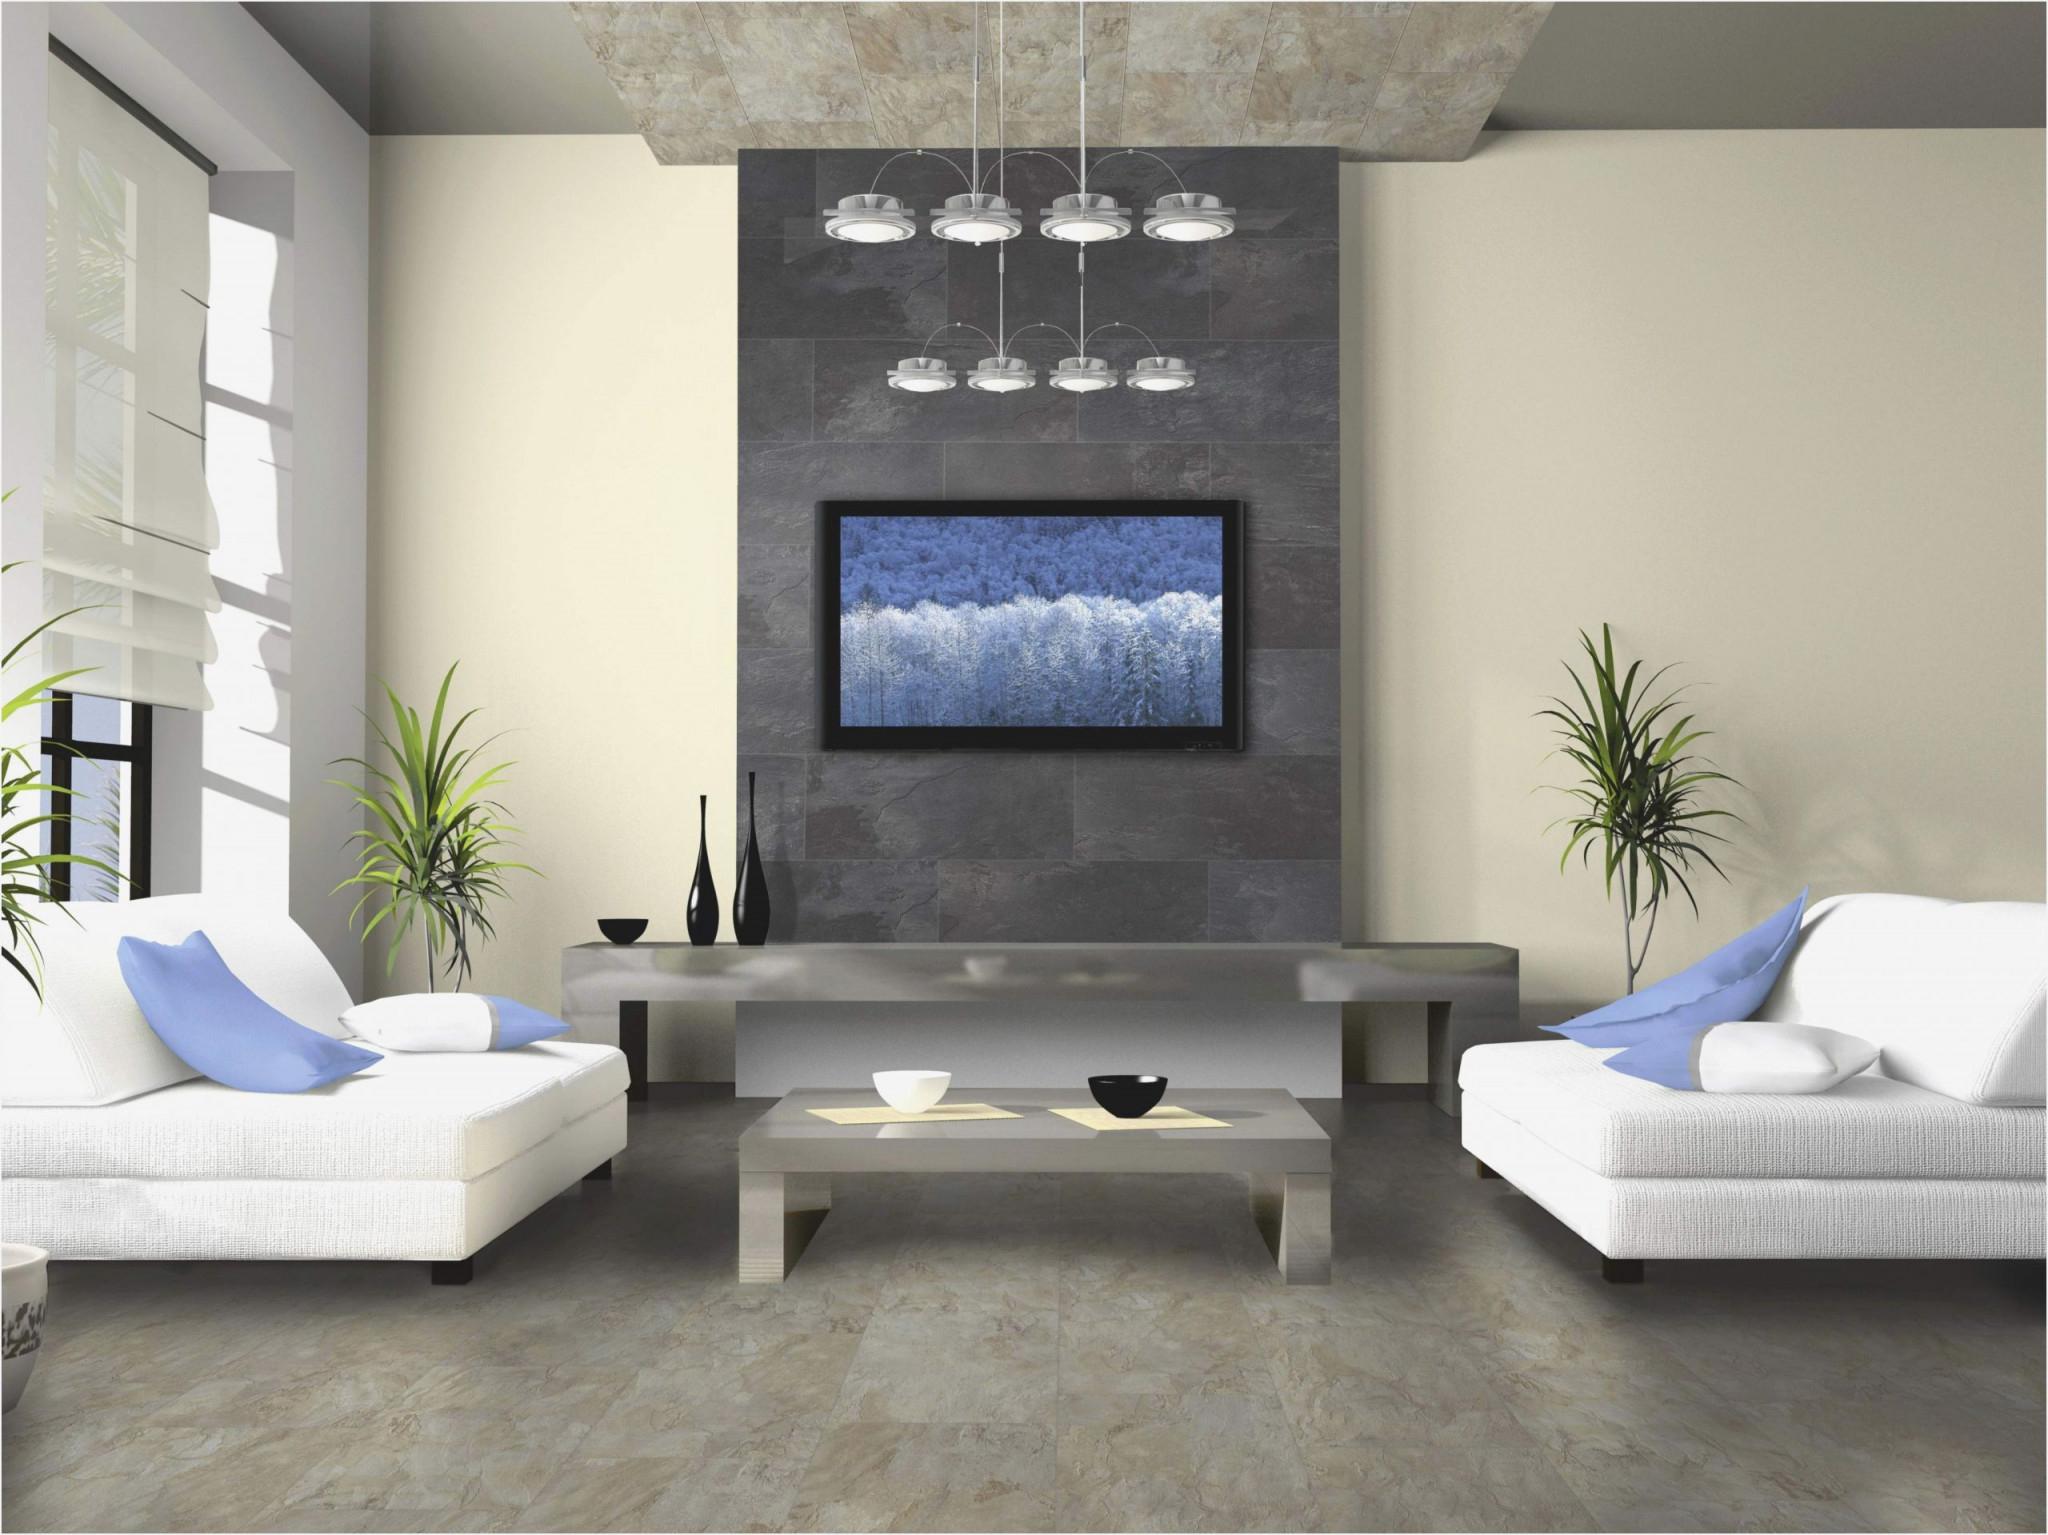 Gartendeko Aus Holz Und Metall Best Of Holz Deko Wohnzimmer von Deko Für Wand Wohnzimmer Bild